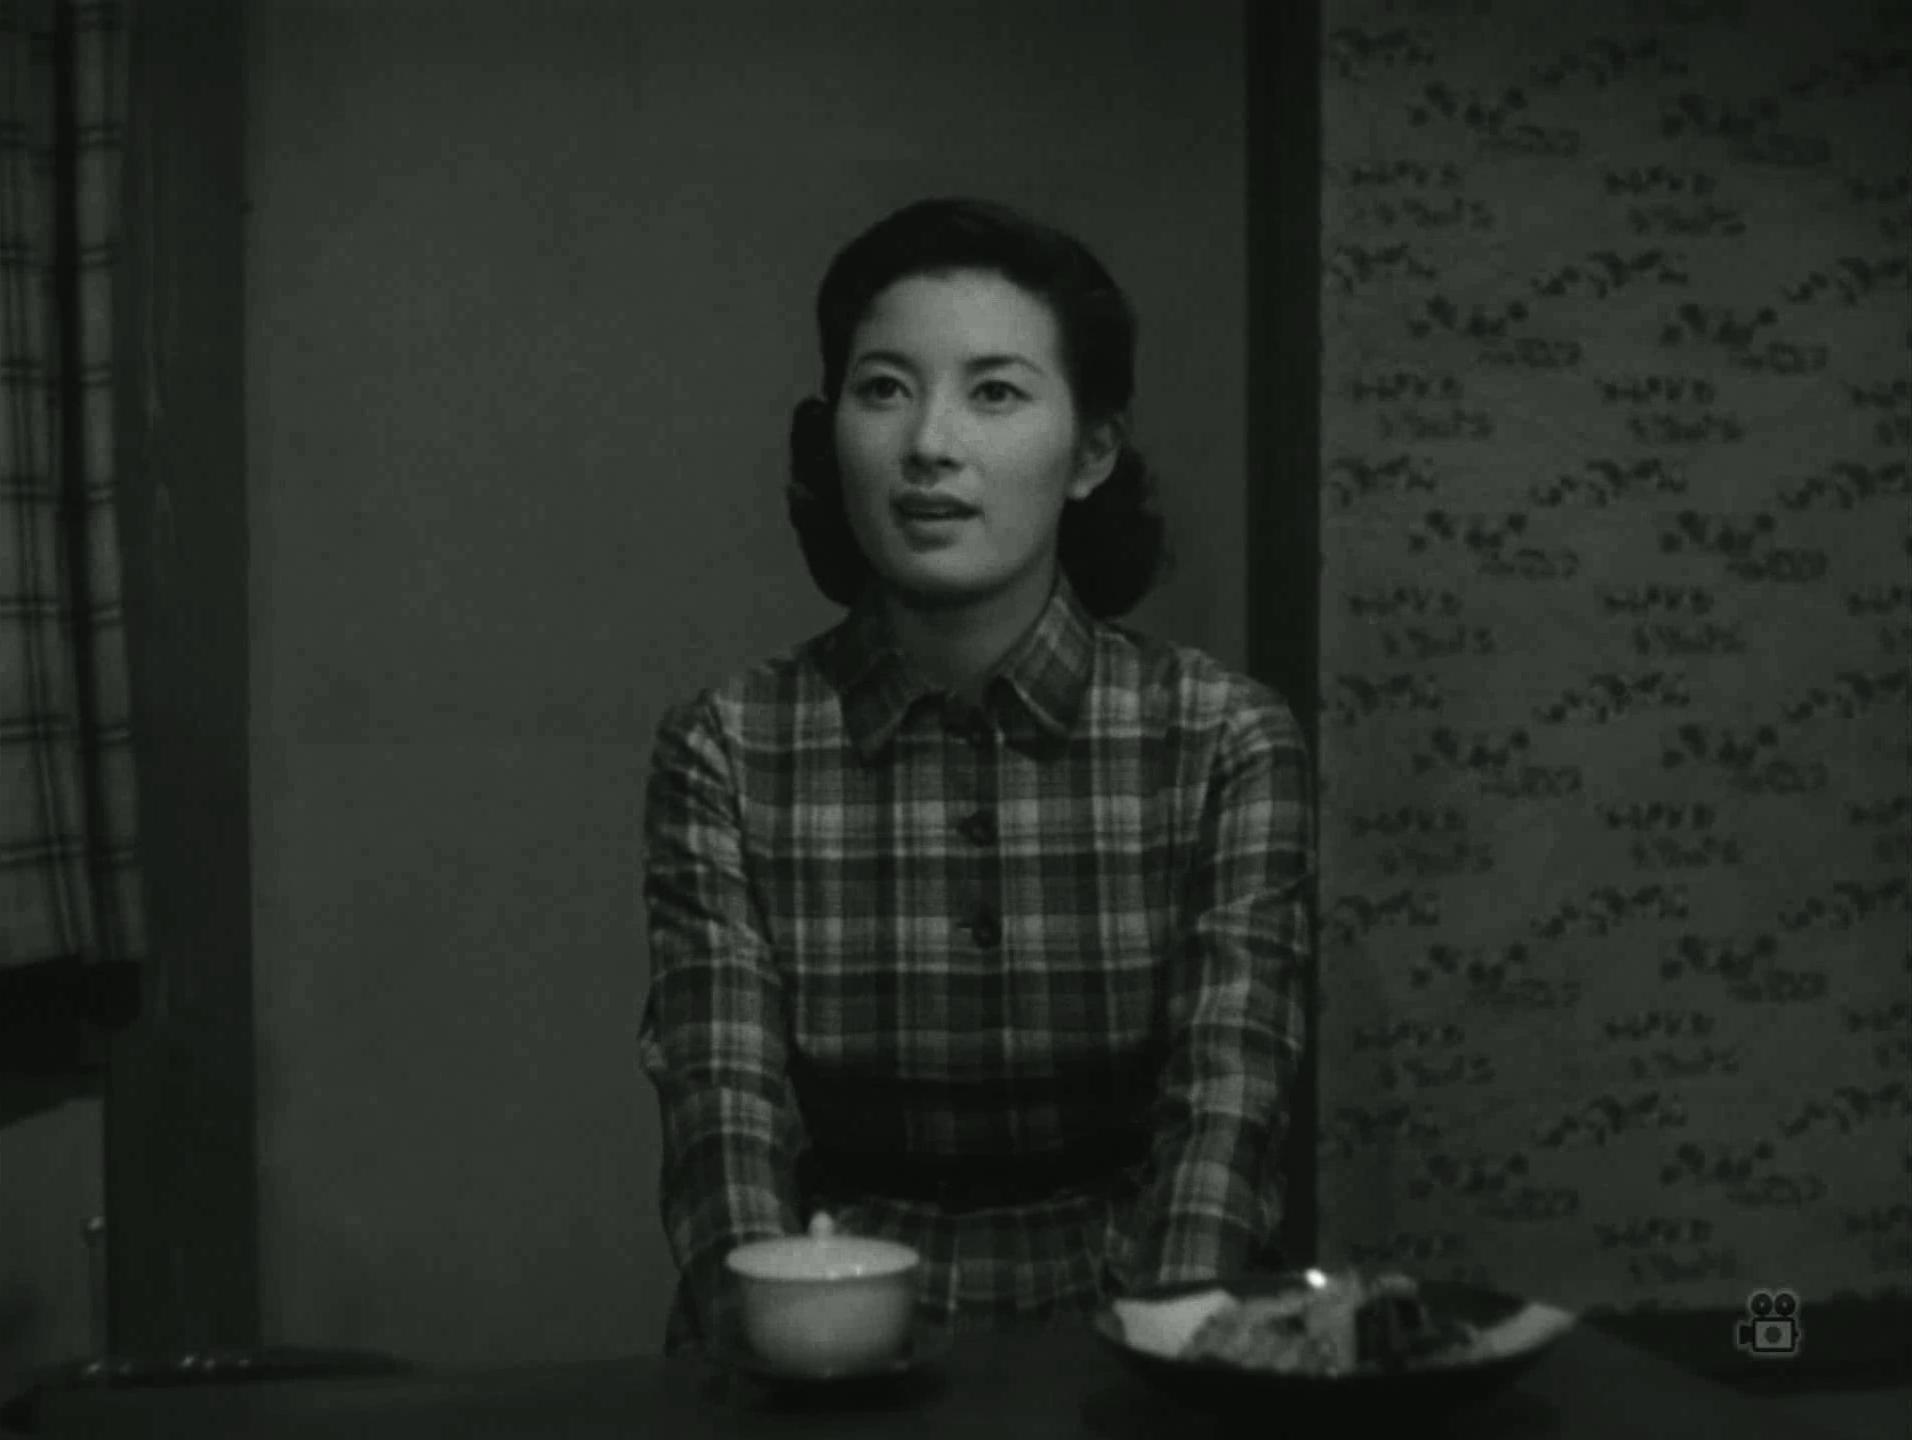 Yumi Shirakawa in Kono futari ni sachi are (1957)